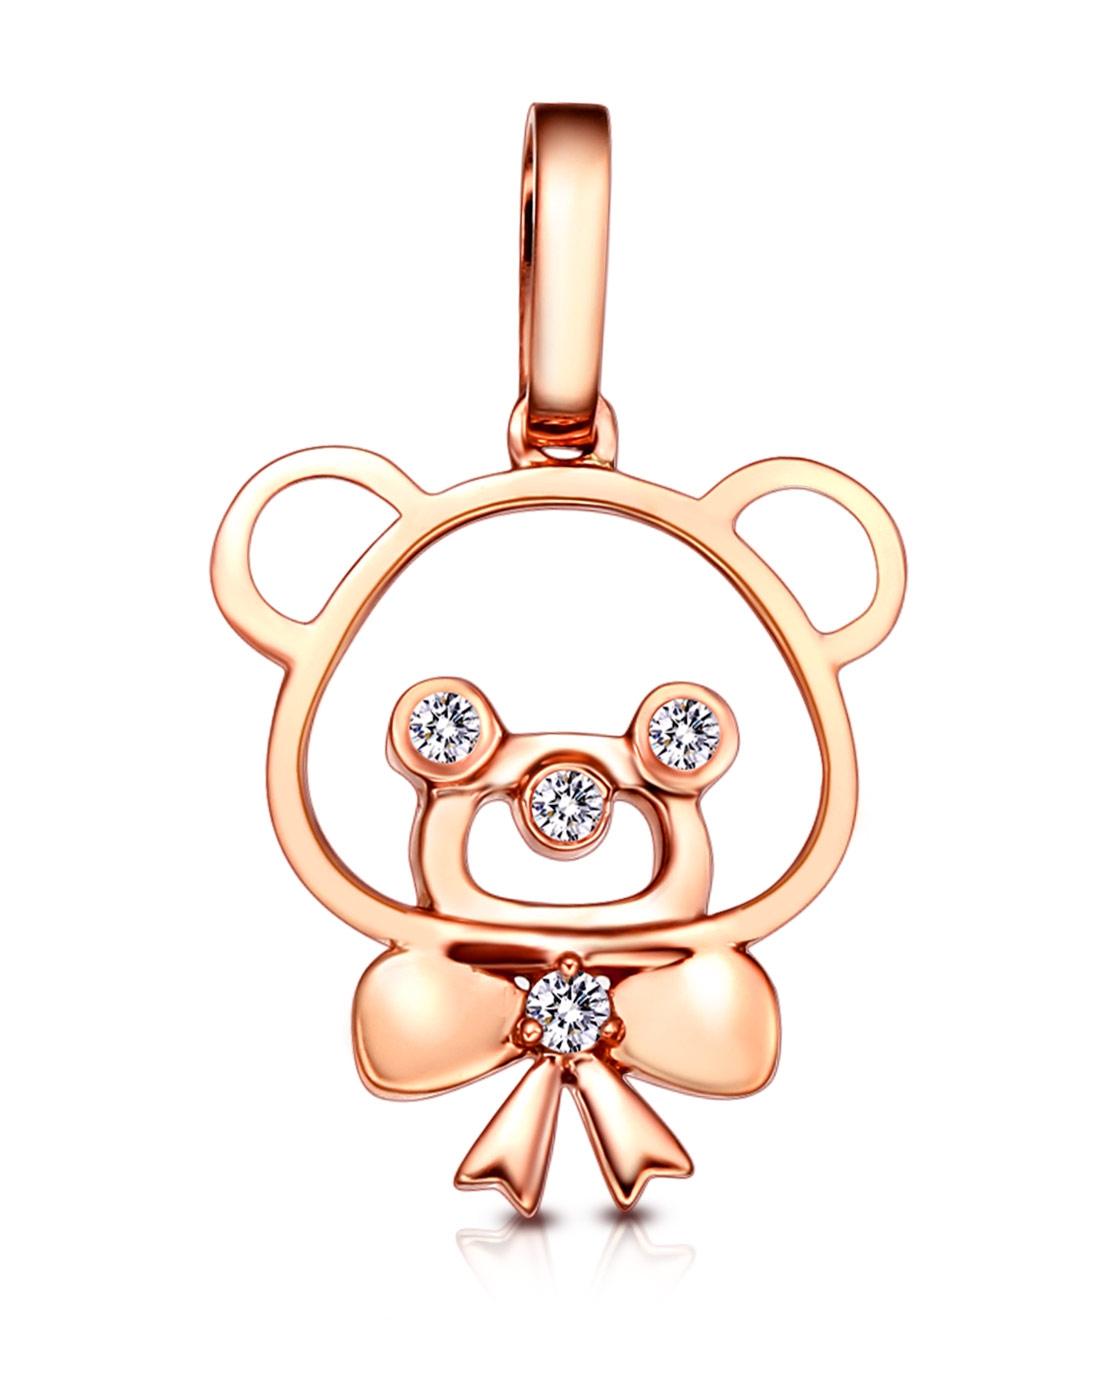 18k彩金小熊钻石吊坠 可爱萌物